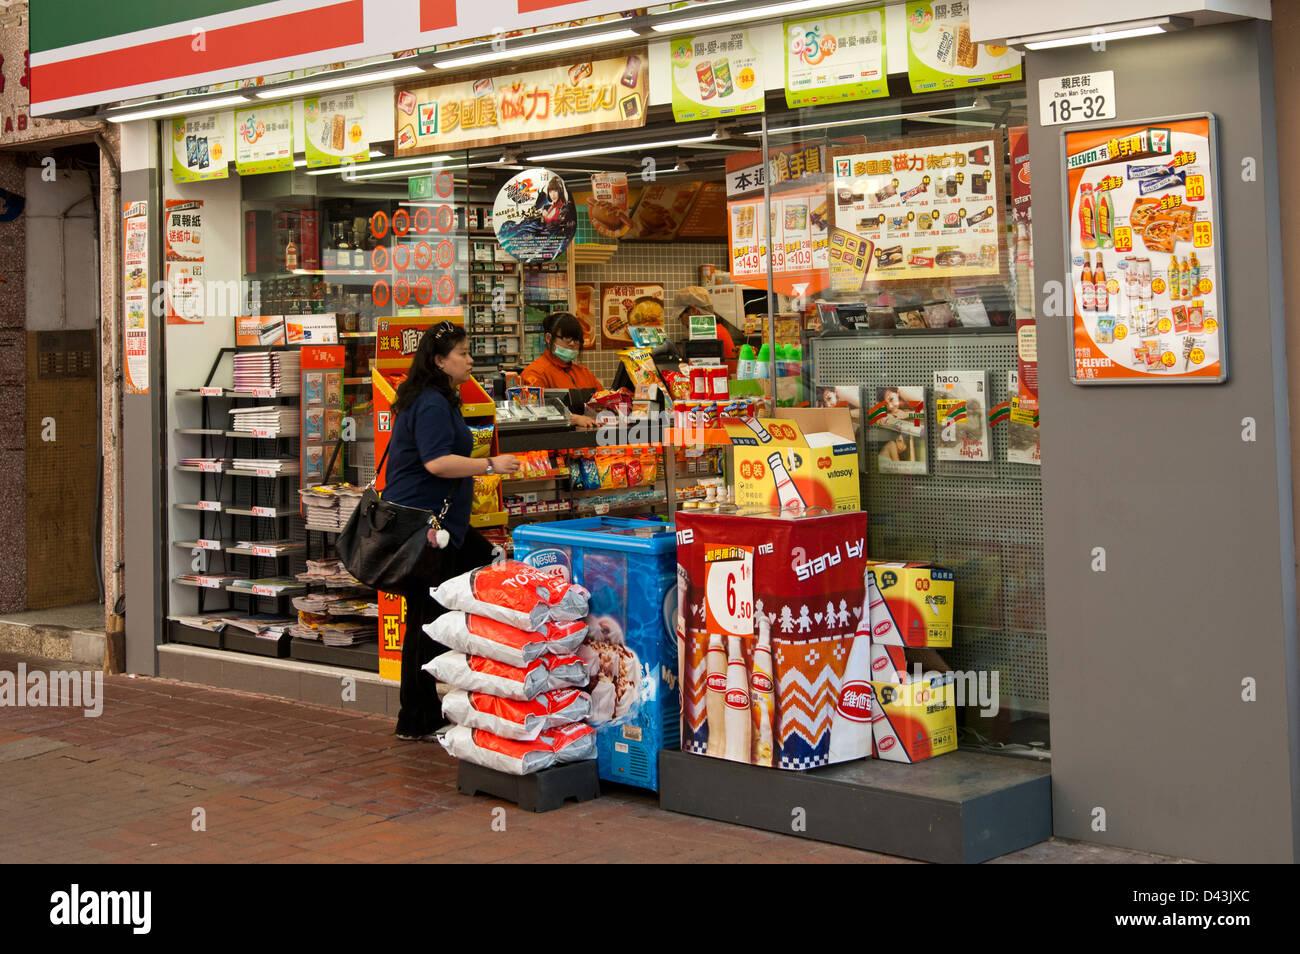 7-Eleven convenience store, Sai Kung, Hong Kong - Stock Image